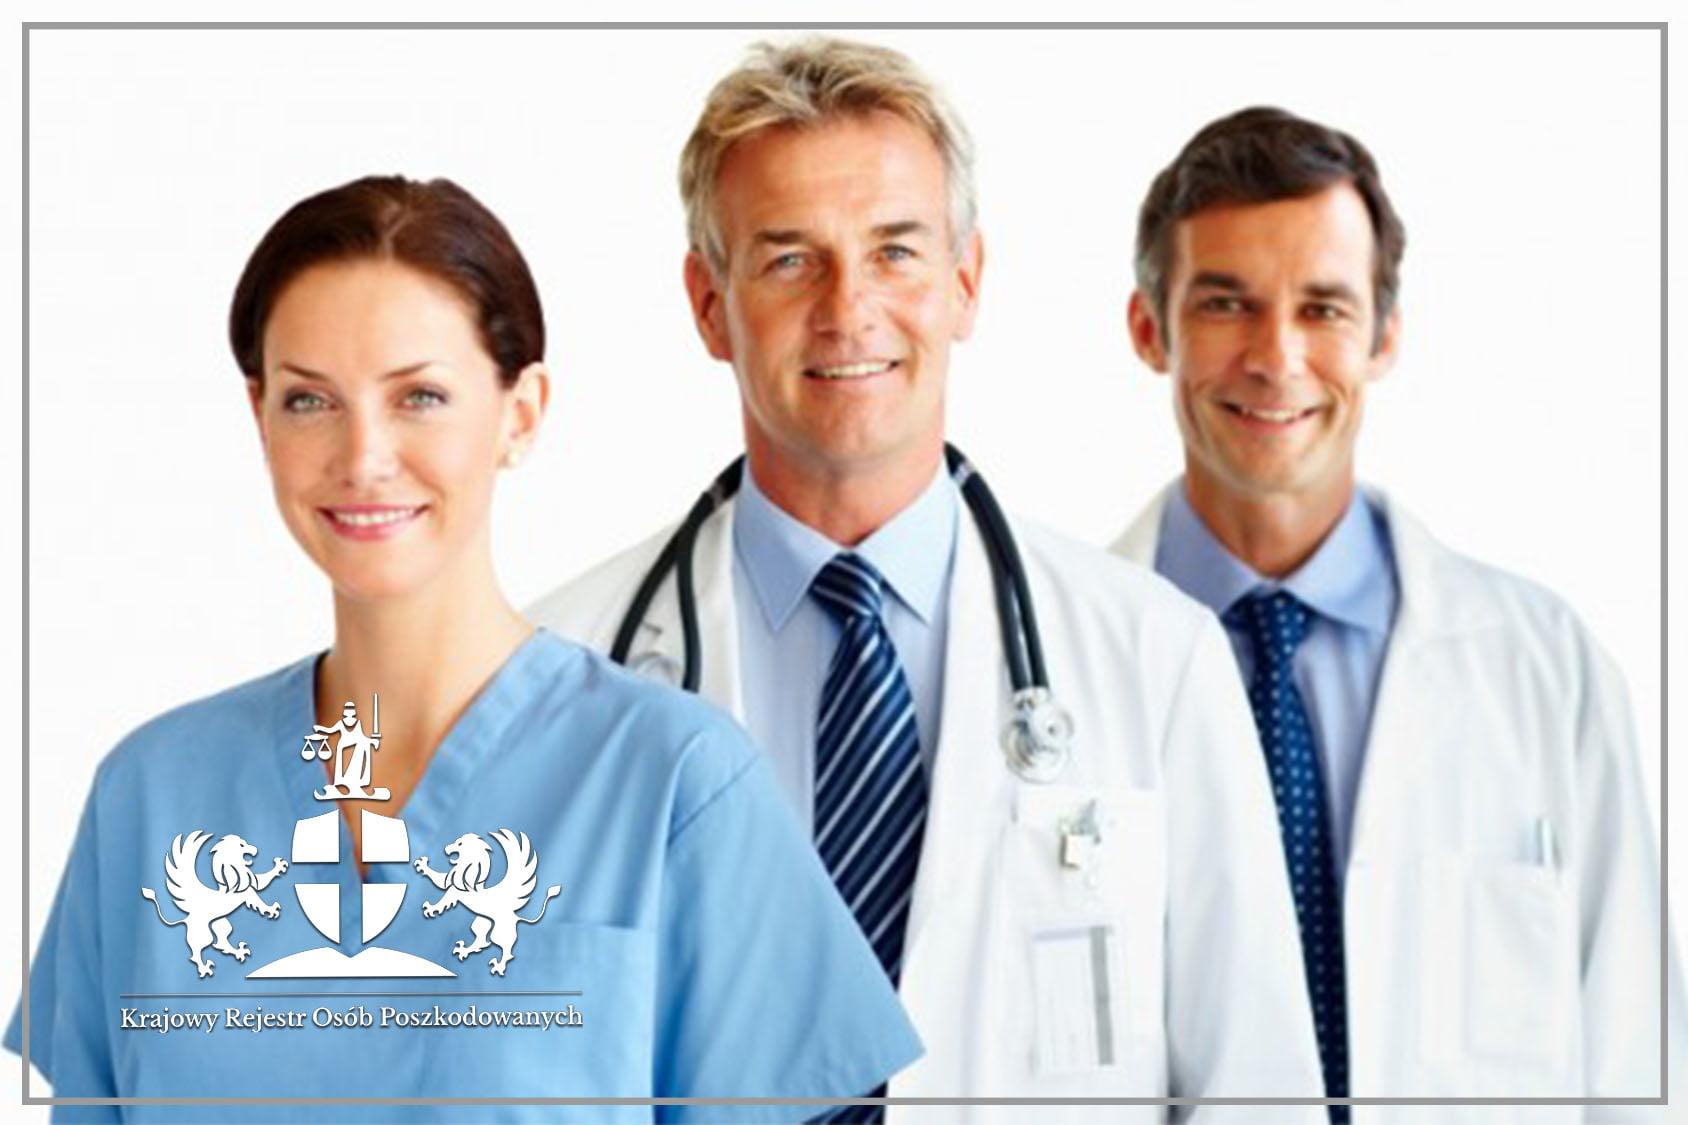 Standardy postępowania medycznego w zakresie opieki okołoporodowej